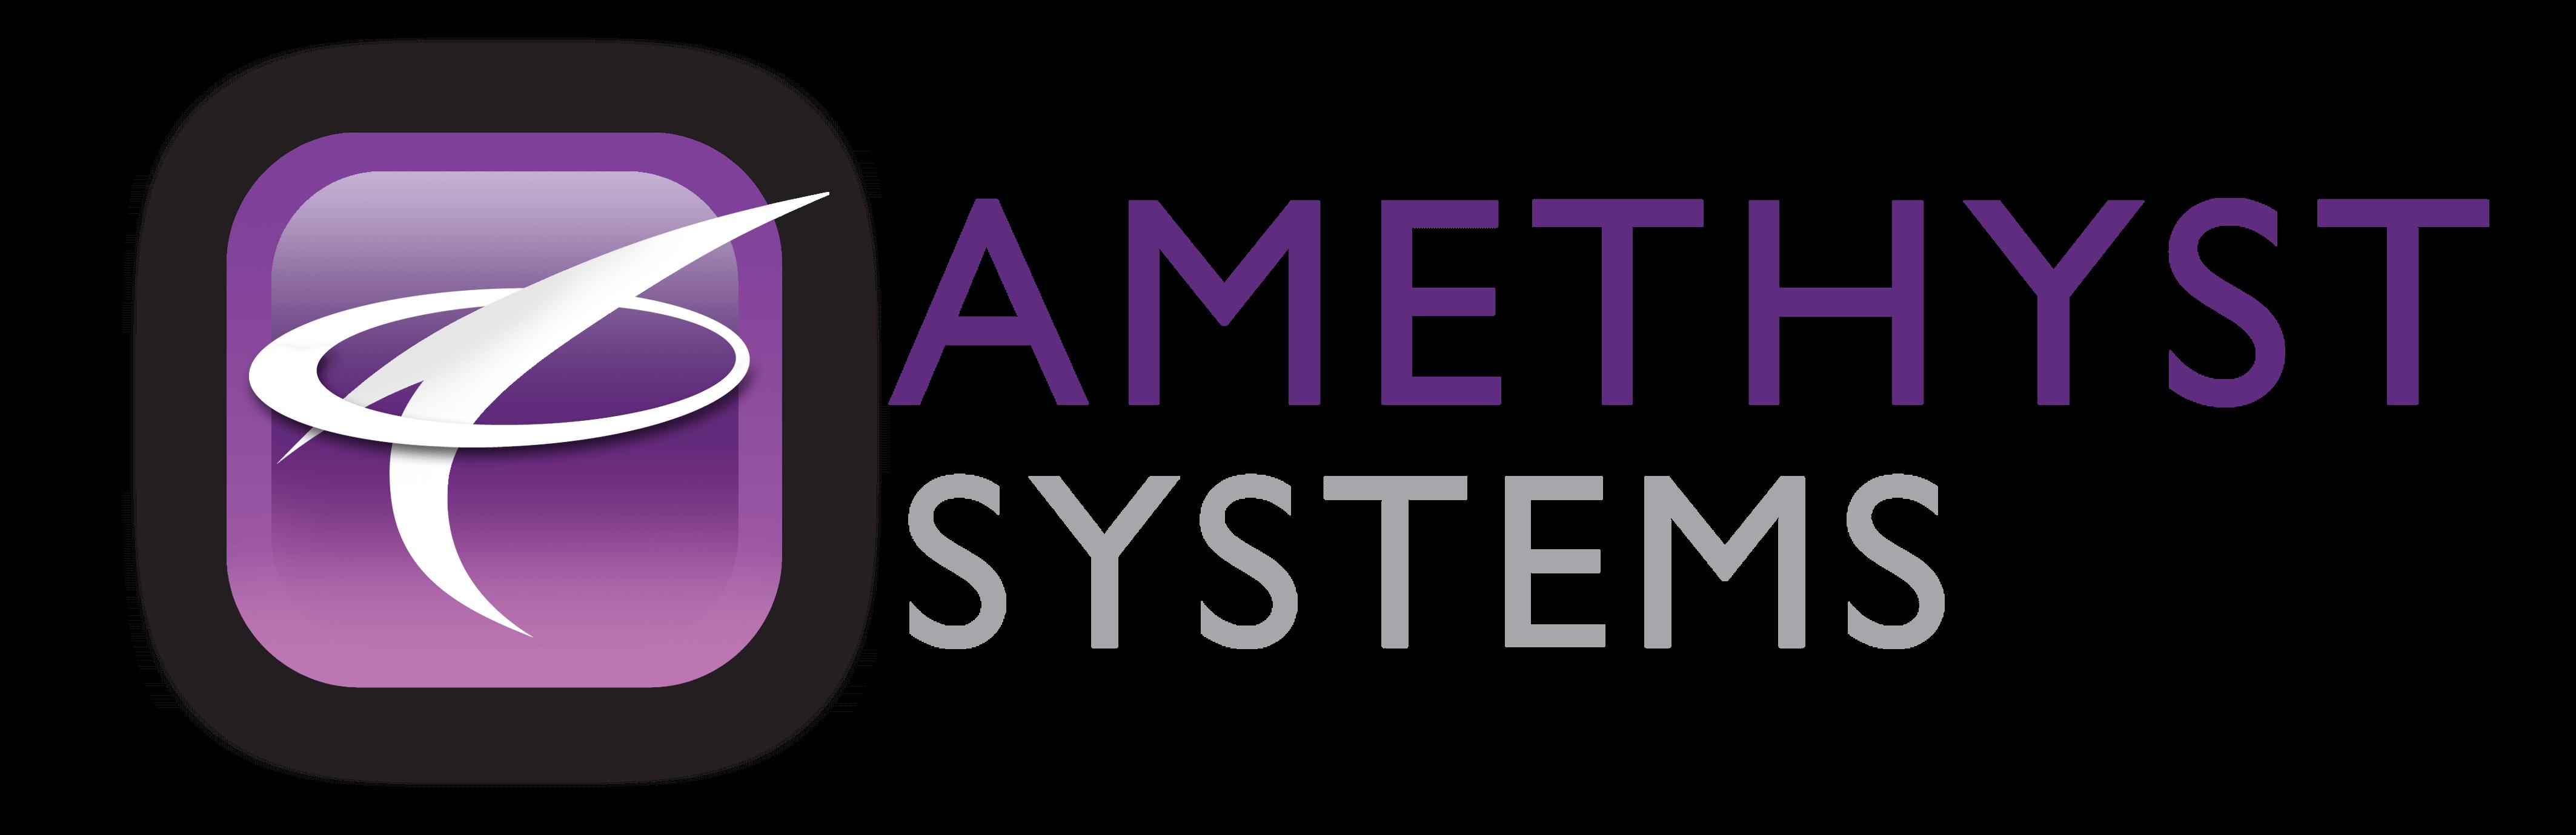 Amethyst Systems